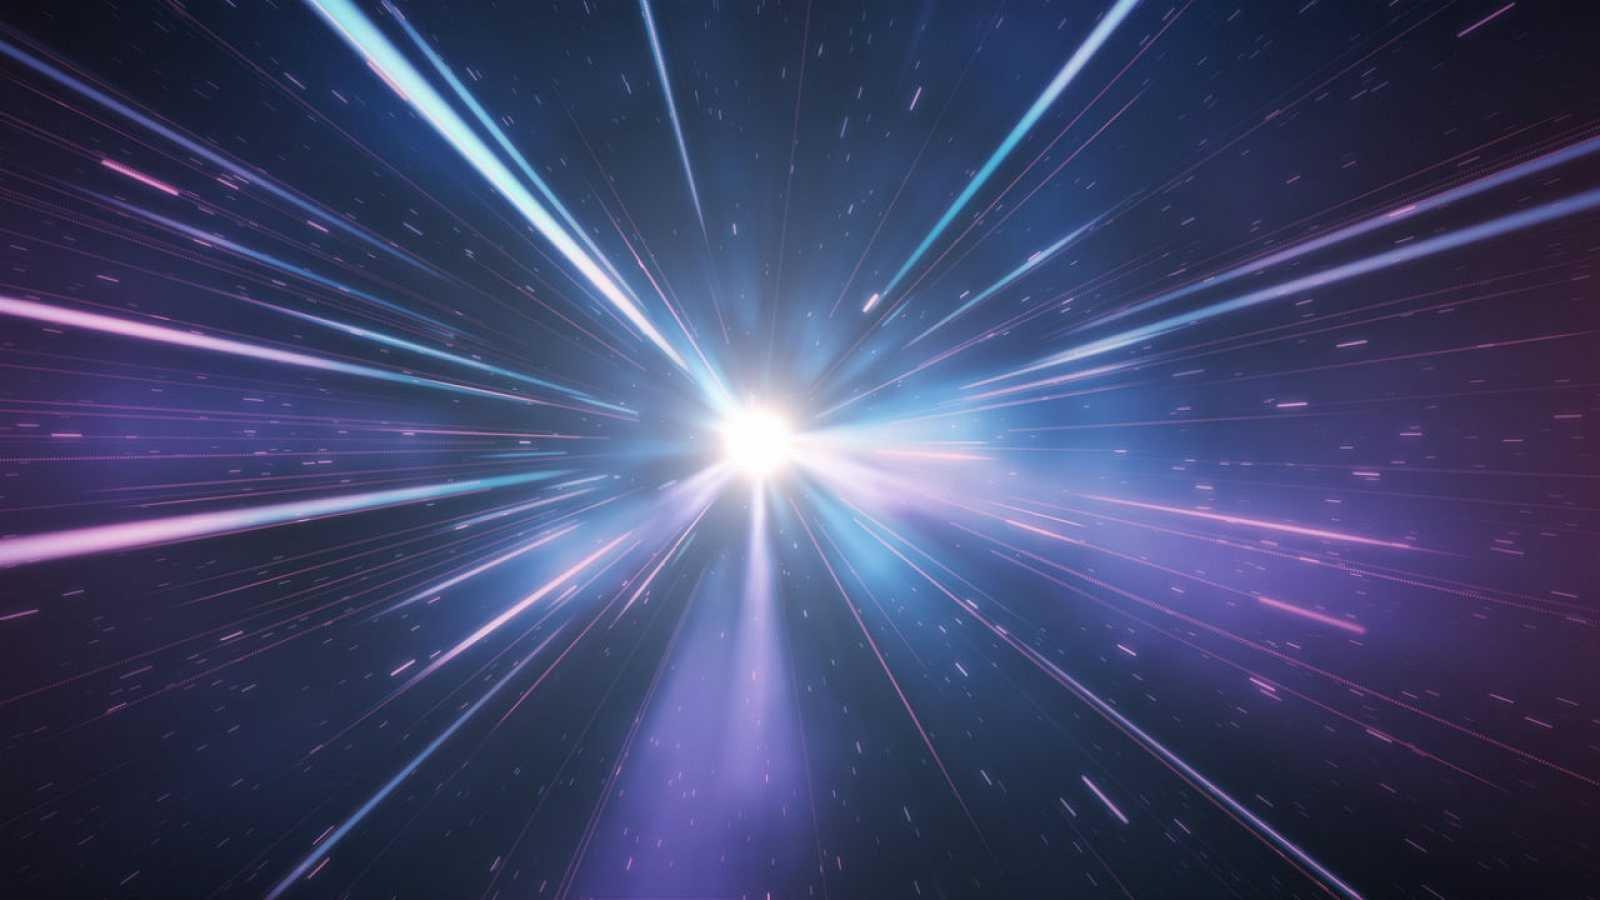 Matemático sugiere que podríamos construir un cohete que viaje a 99.999% de la velocidad de la luz